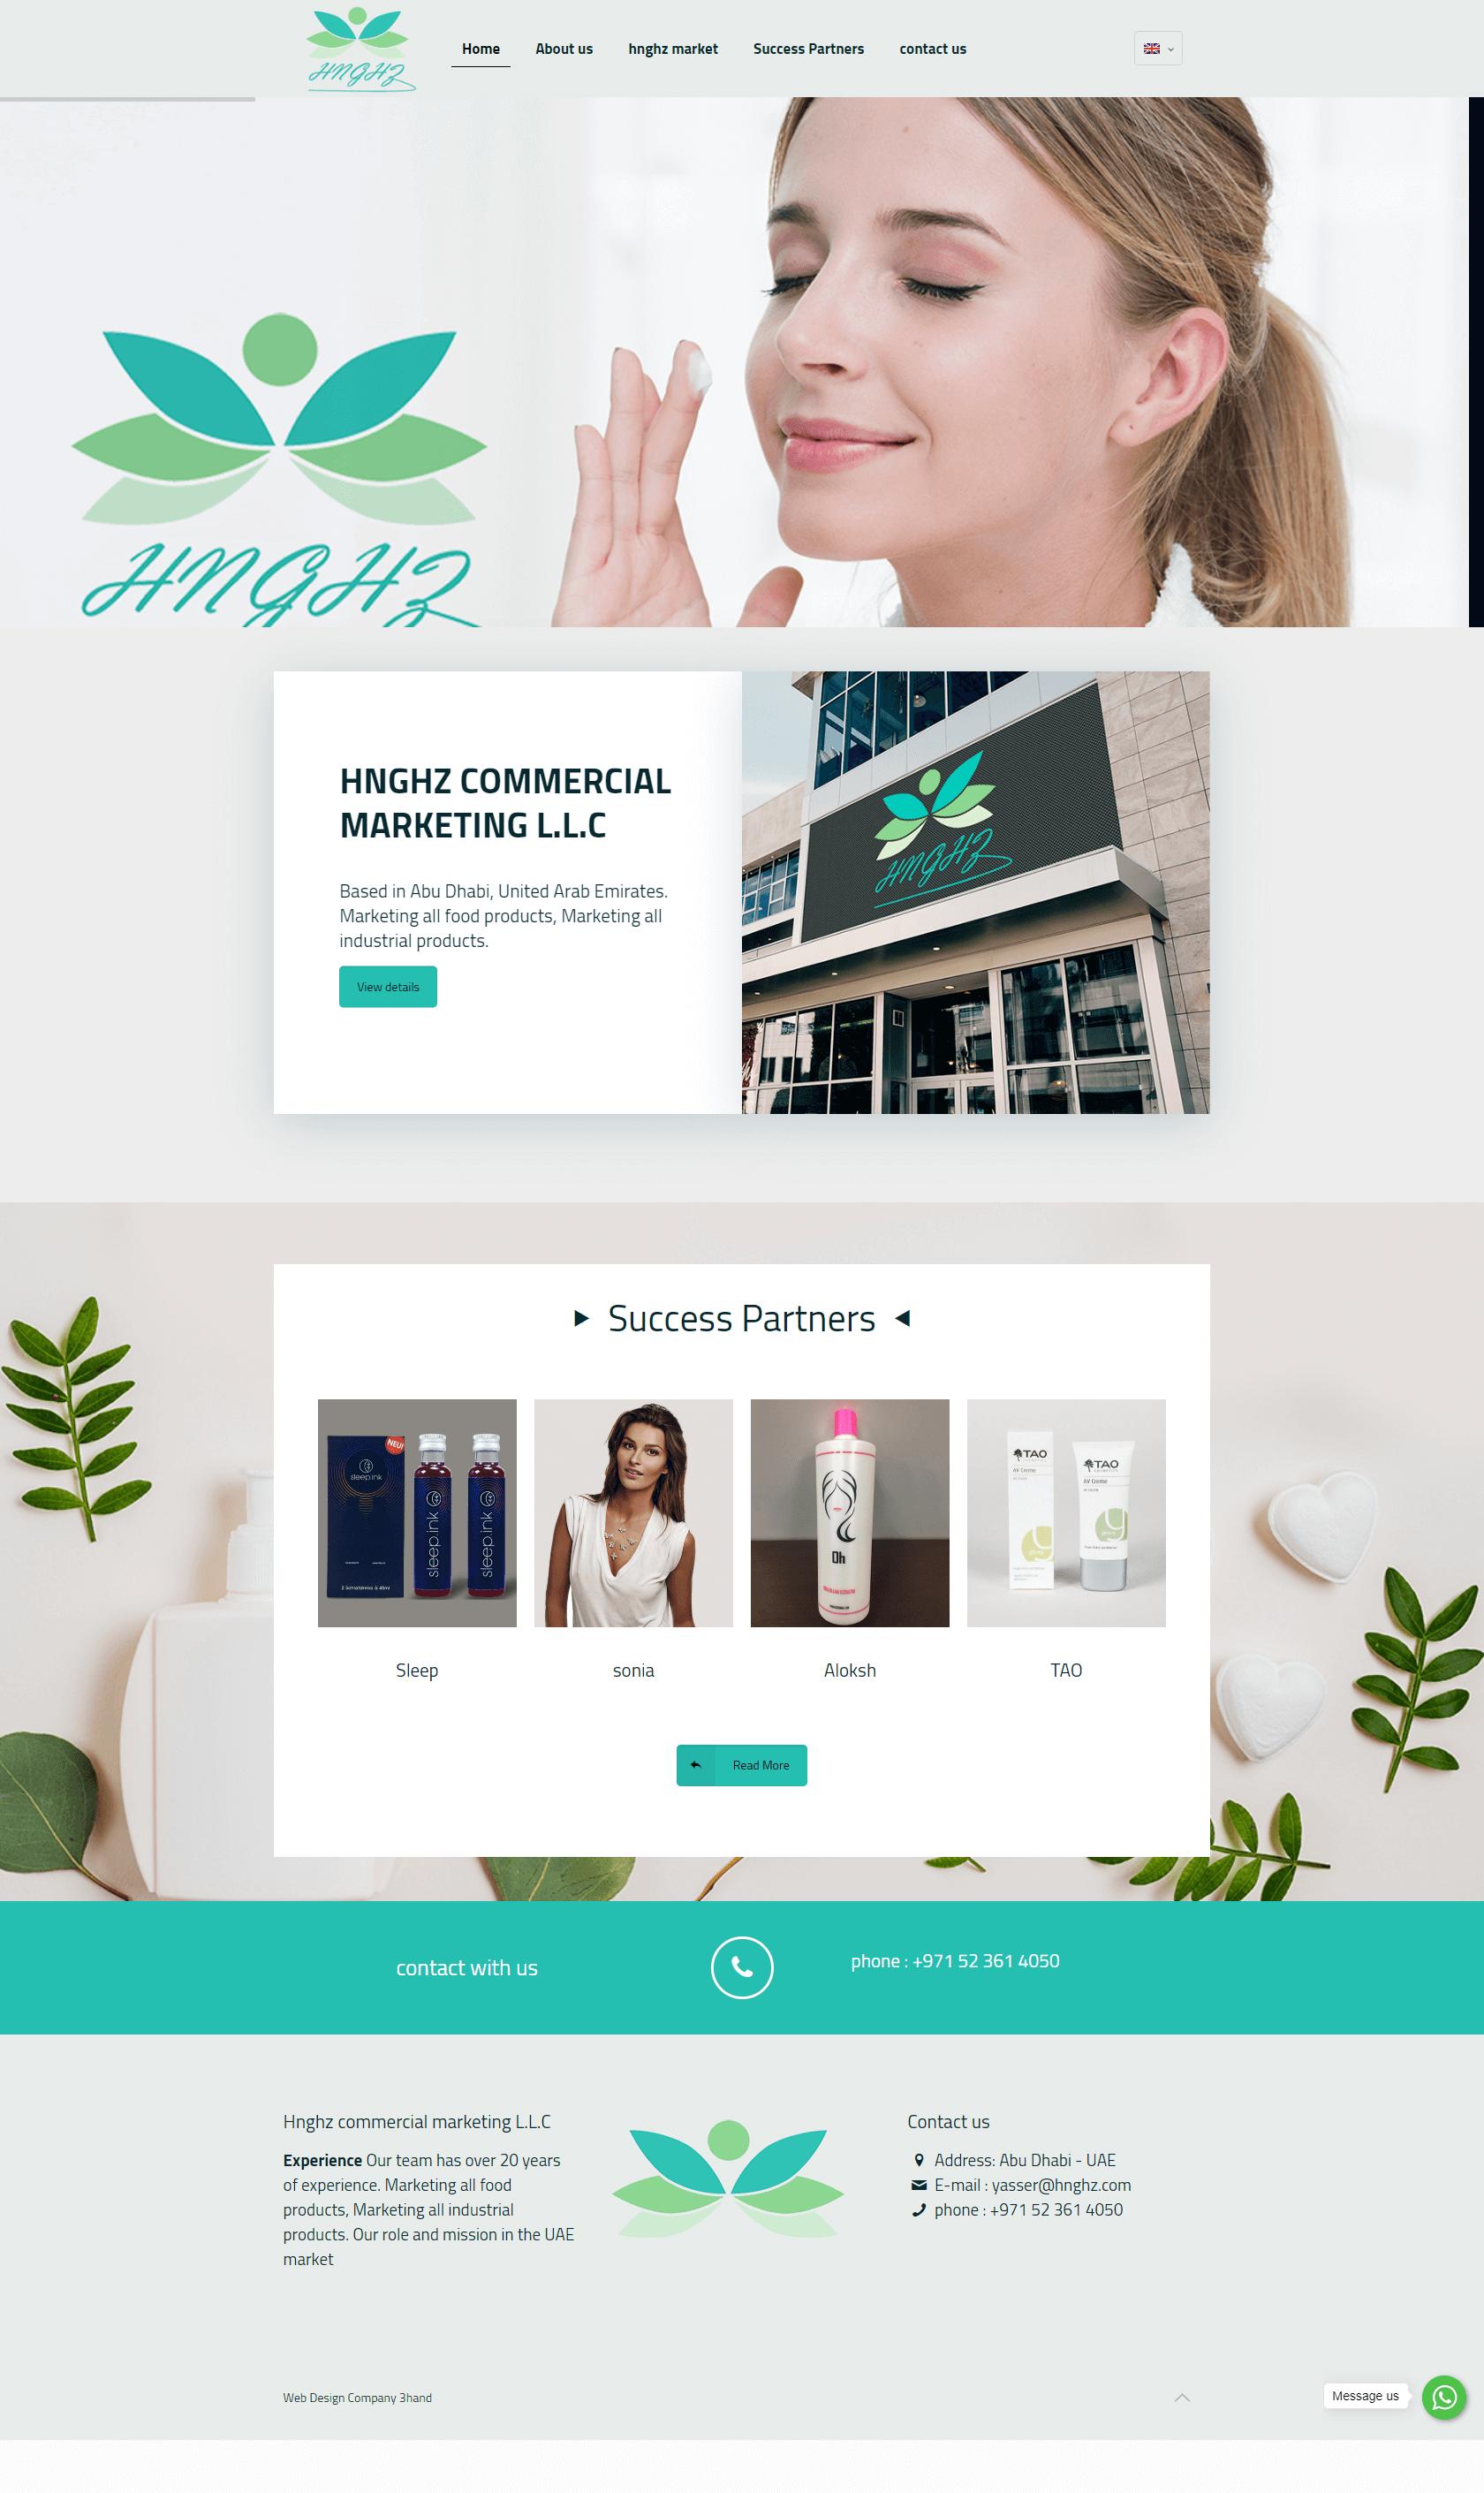 Hnghz – Commercial marketing L L C (2)